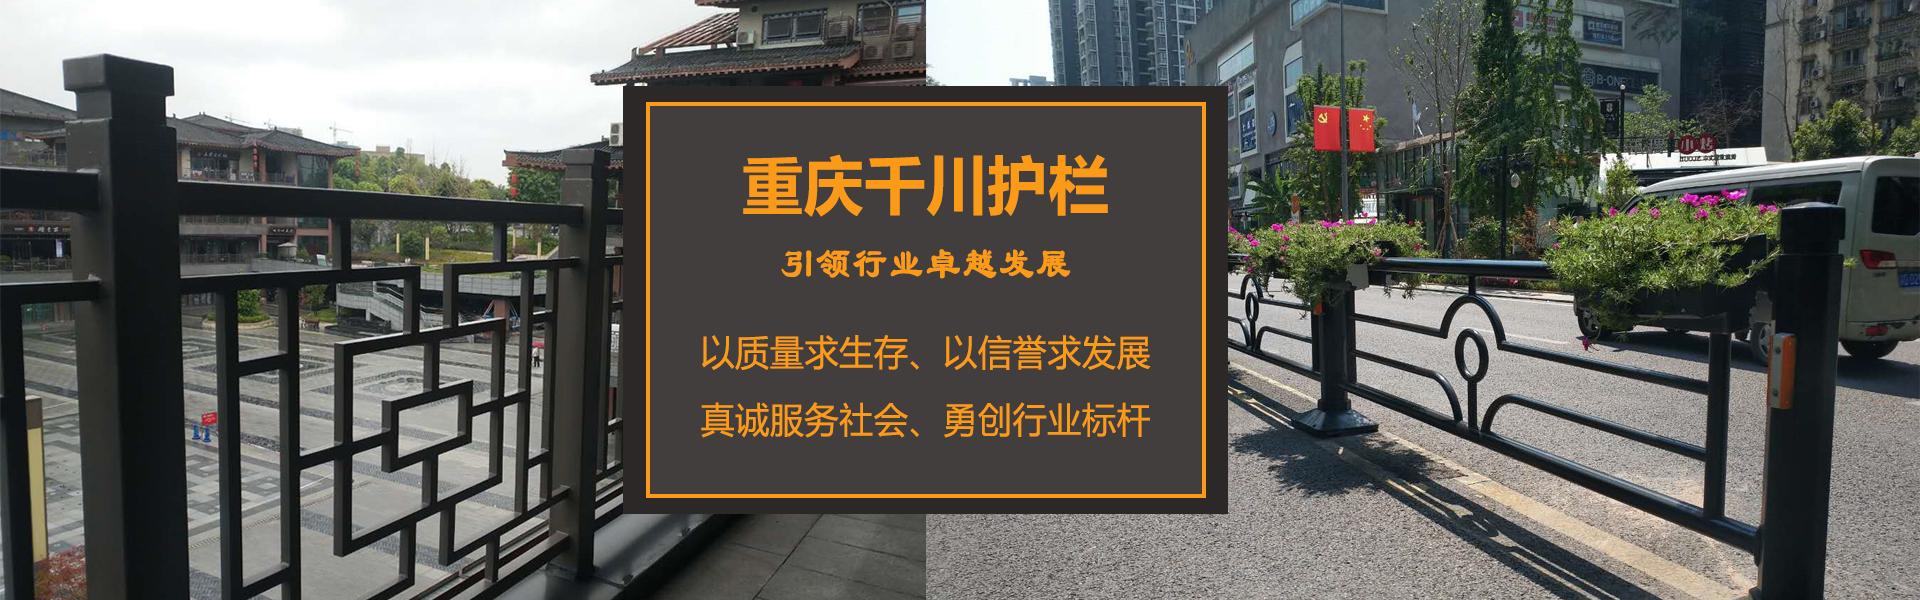 重庆千川护栏引领行业卓越发展 以质量求生存、以信誉求发展、真诚服务社会、勇创行业标杆